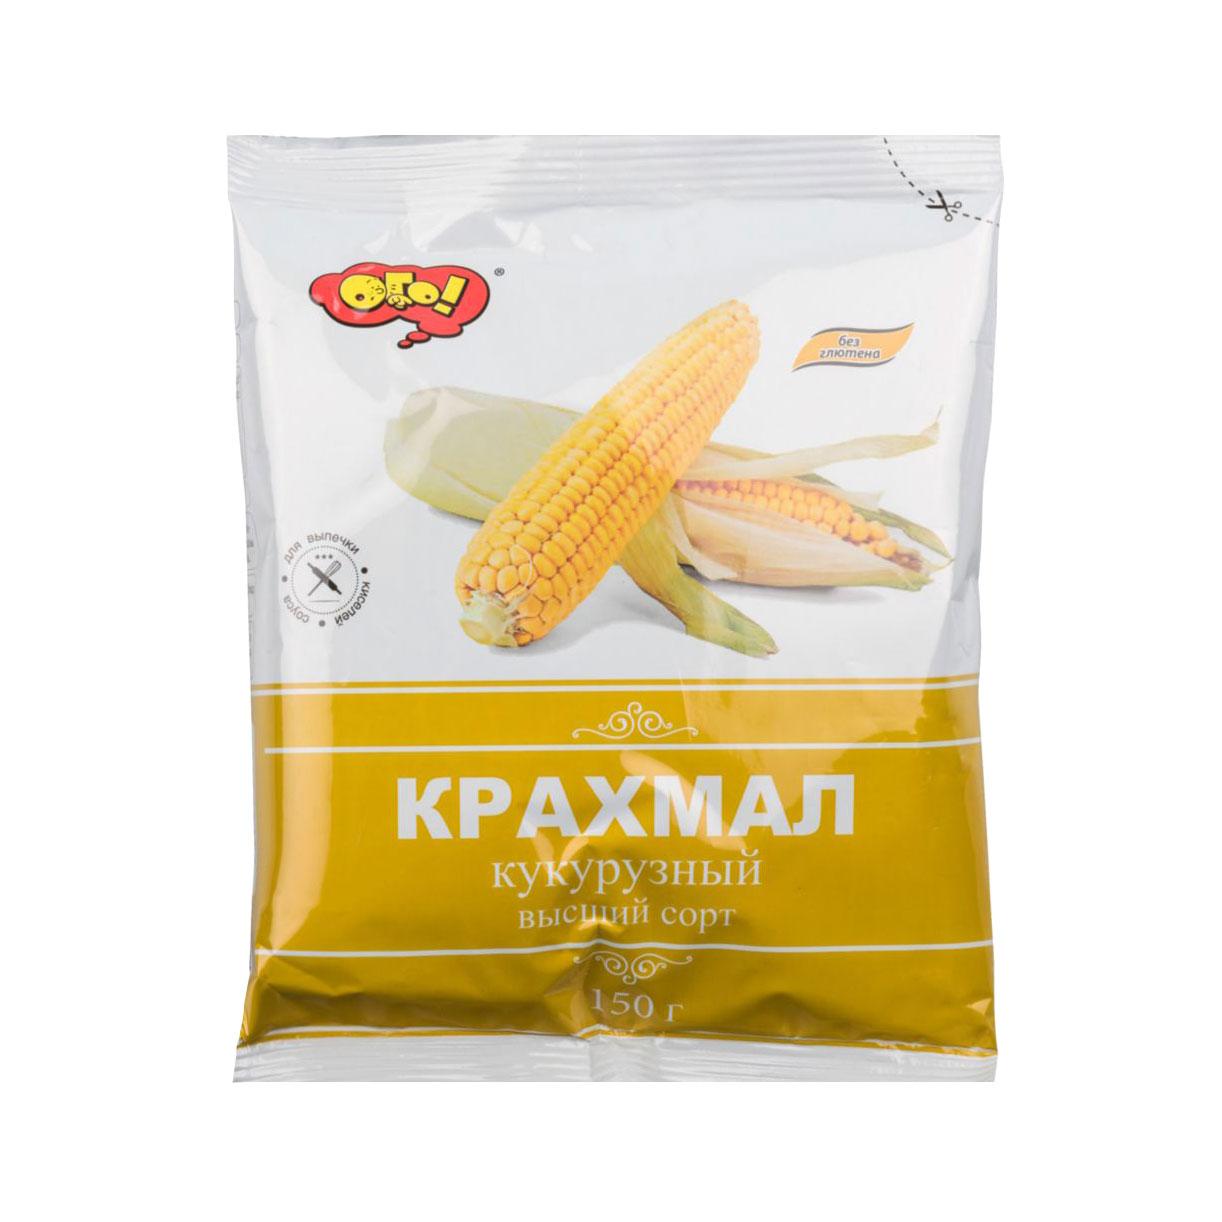 Крахмал кукурузный ОГО! 150 г